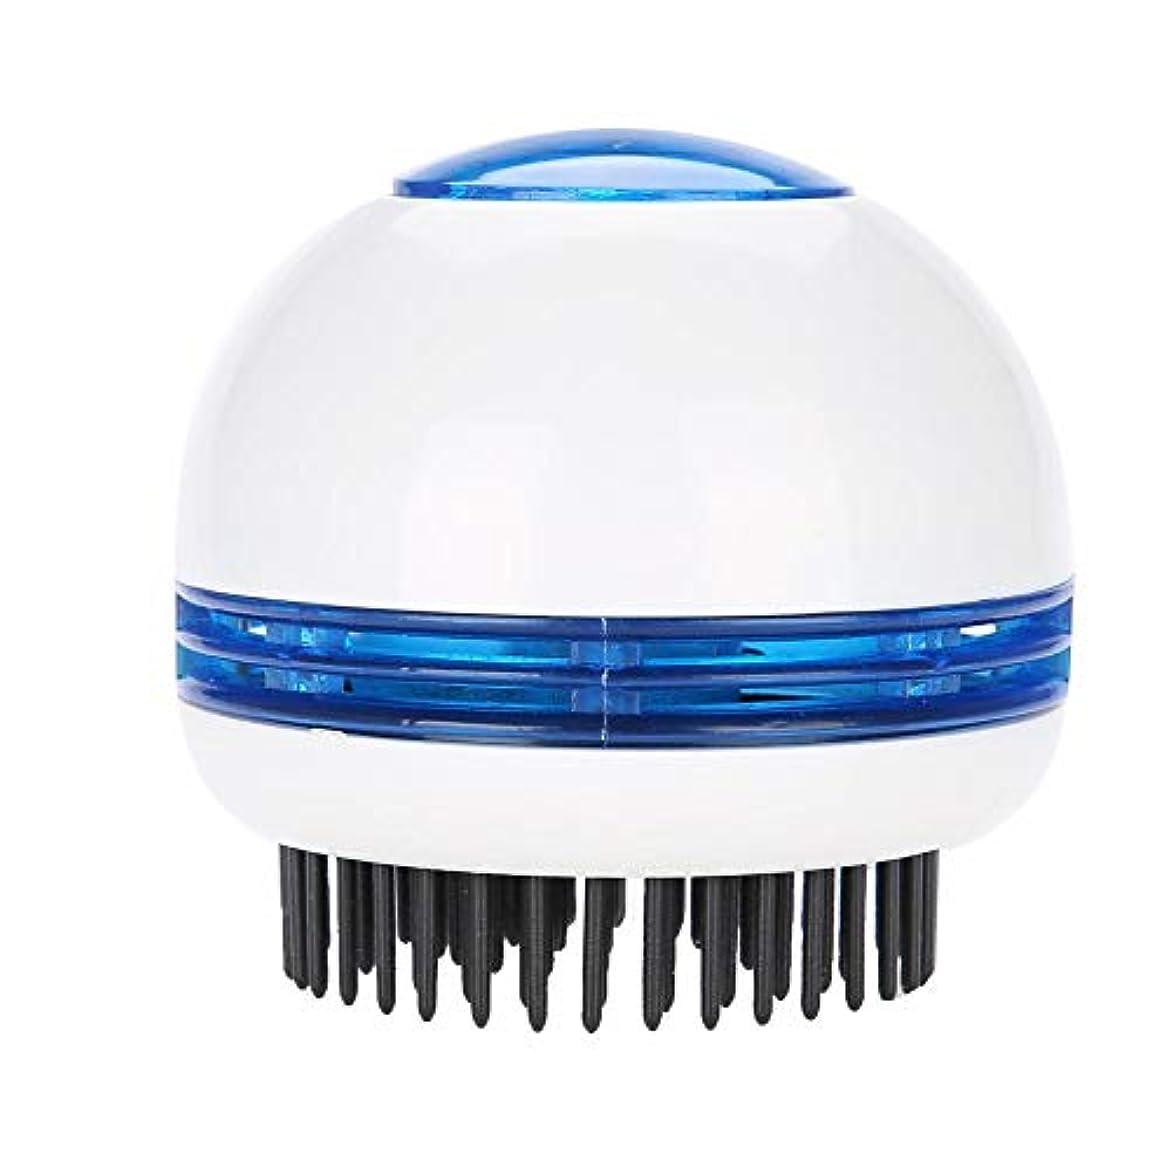 ドライ木製誤解させるTOPINCN 電気 マッサージブラシ ヘッドマッサージャー 帯電防止 頭皮のリラクゼーション ストレス緩和 ヘアスクラバーブラシ